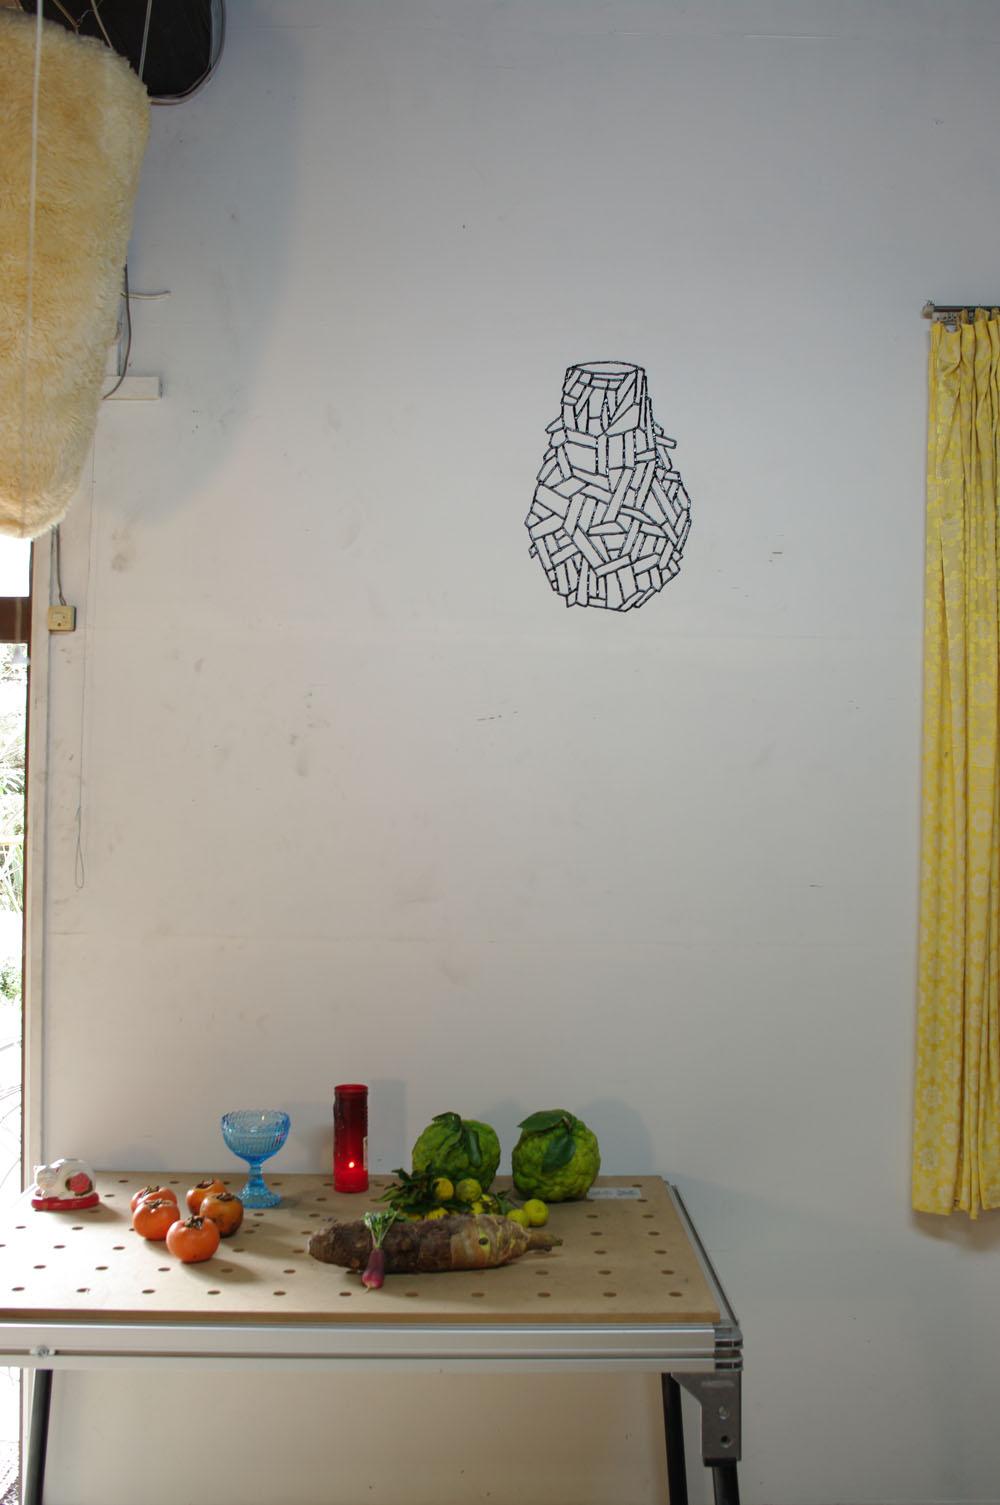 2008年度ドメスティックアートプロジェクト四方山荘成果展覧会『自家生成美術醸造展』 _c0136311_4305249.jpg